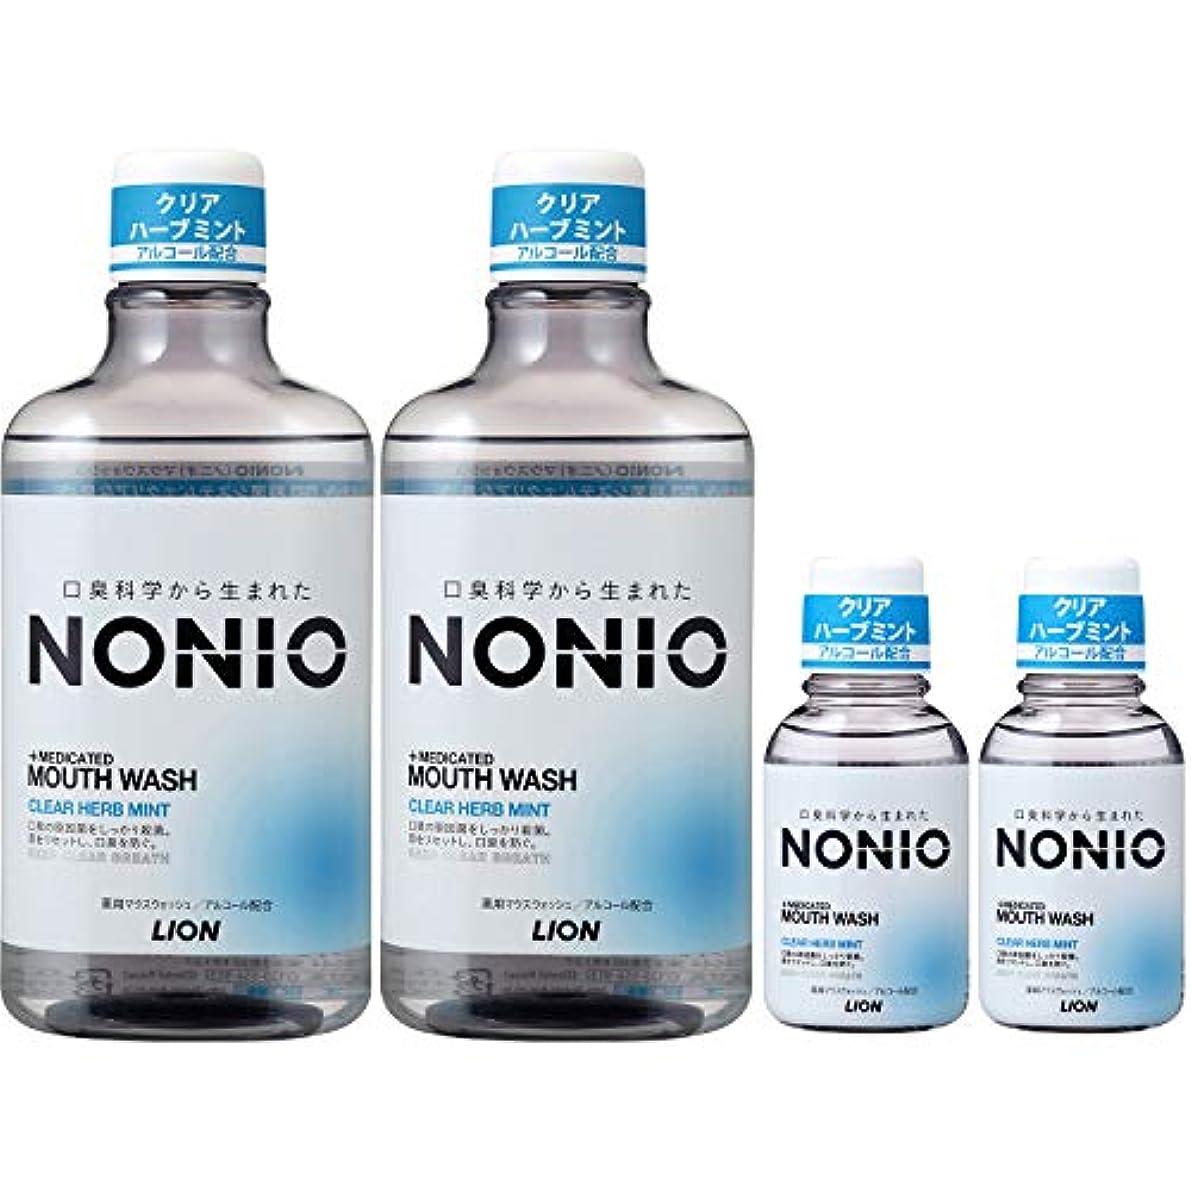 スイ鎮痛剤頑張る[医薬部外品]NONIO マウスウォッシュ クリアハーブミント 600ml×2個 洗口液+ミニリンス80ml×2個